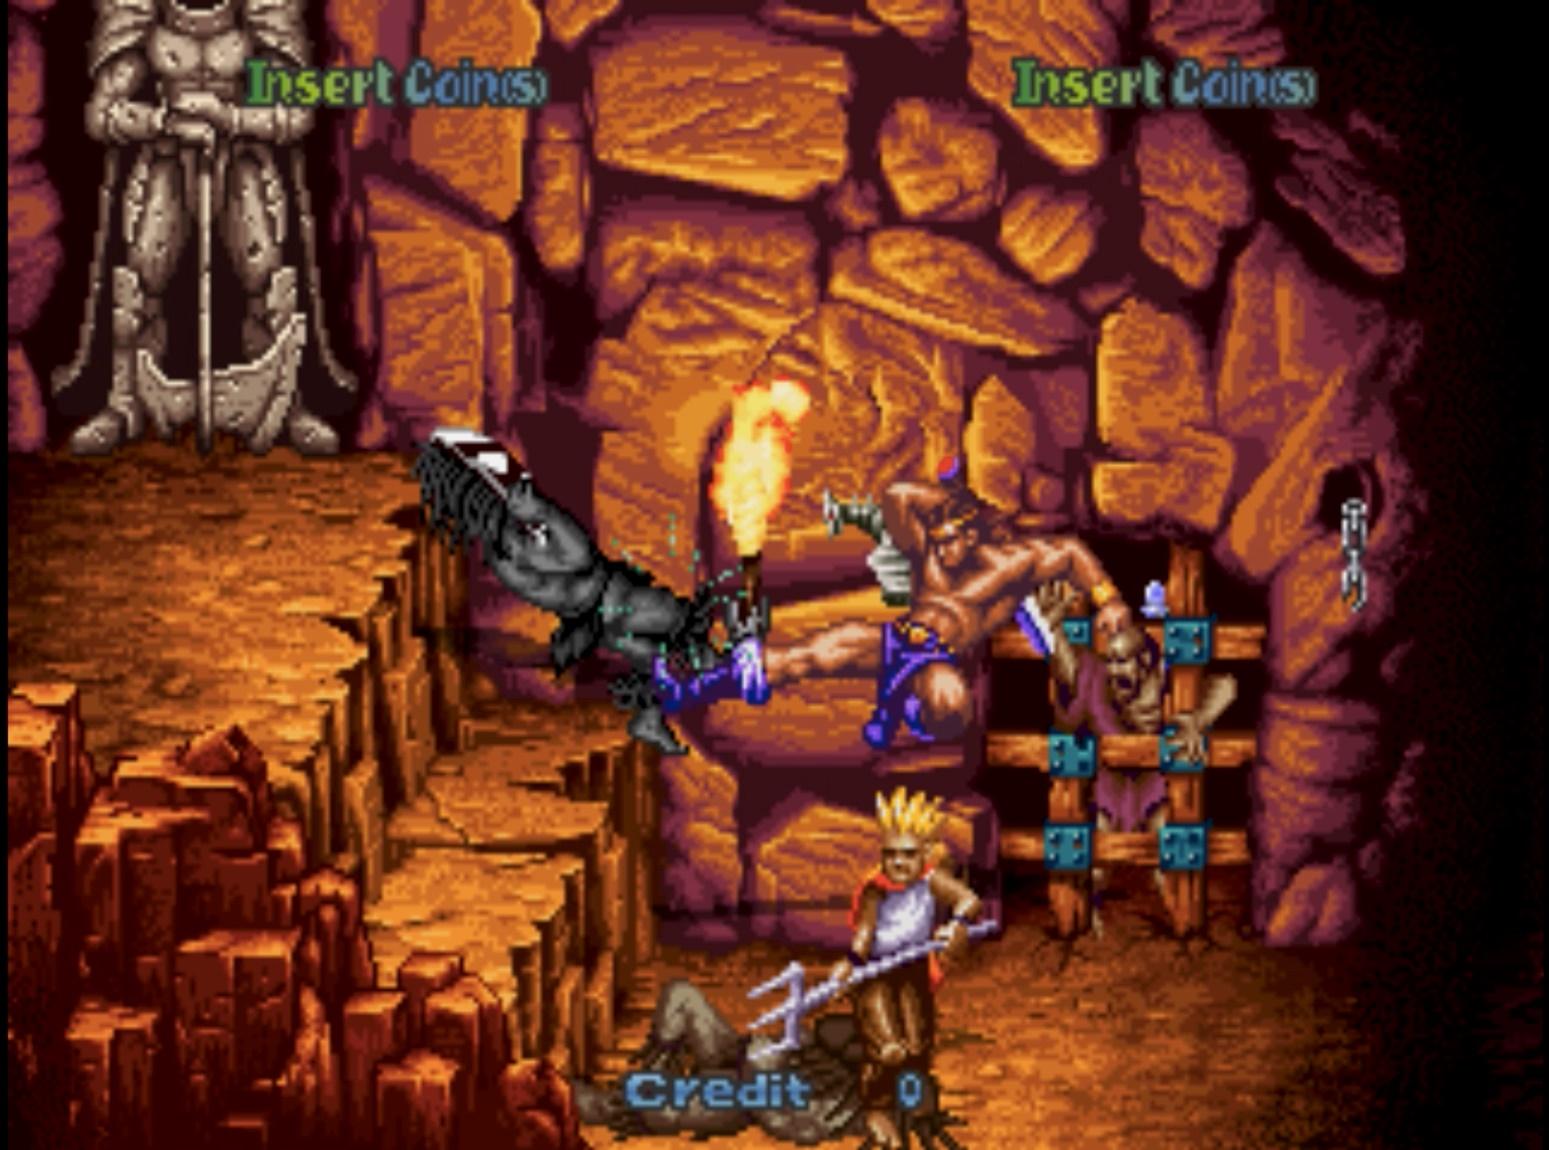 「ゴールデンアックス」シリーズ続編! ルート分岐搭載で異なるステージをプレイ可能!迫りくる悪者達を剣と魔法で倒し再び世界に平和を取り戻せるか